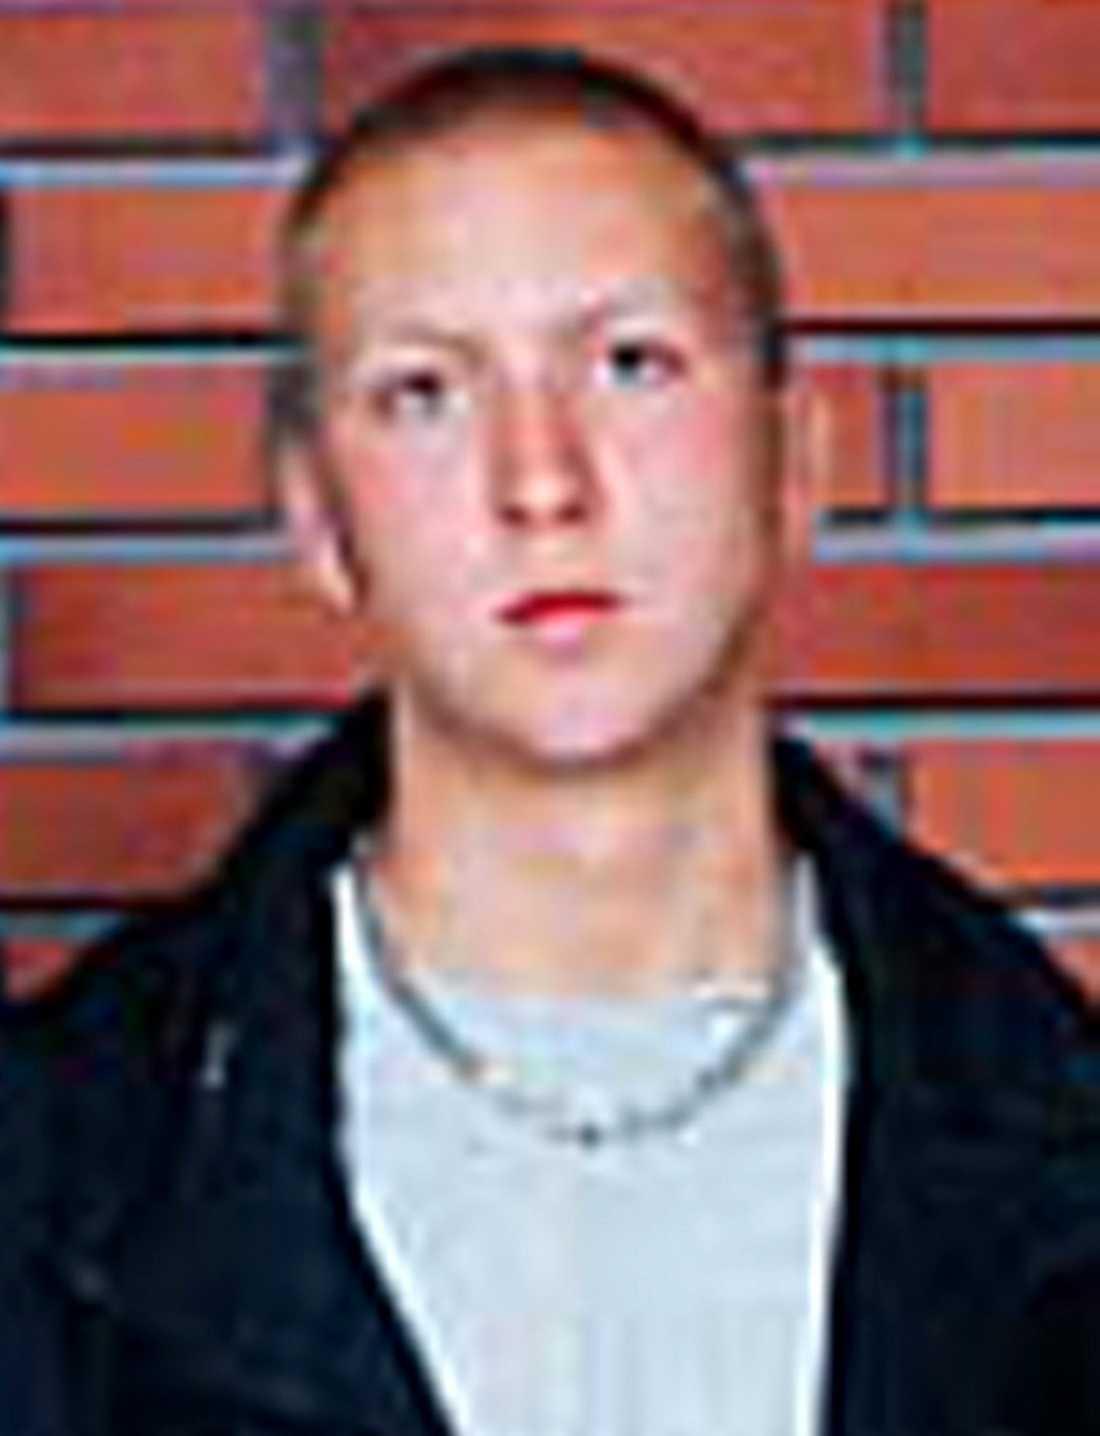 Gick till attack Kriminalvården påstod först att den misstänkte mördaren Erik Ljungström, 28, eskorterades av två vakter till rastgården. Men nu bekräftas det att den 24-åriga kvinnan var ensam med honom. Ljungström överföll henne bakifrån när hon skulle låsa upp dörren – och slog ihjäl henne.